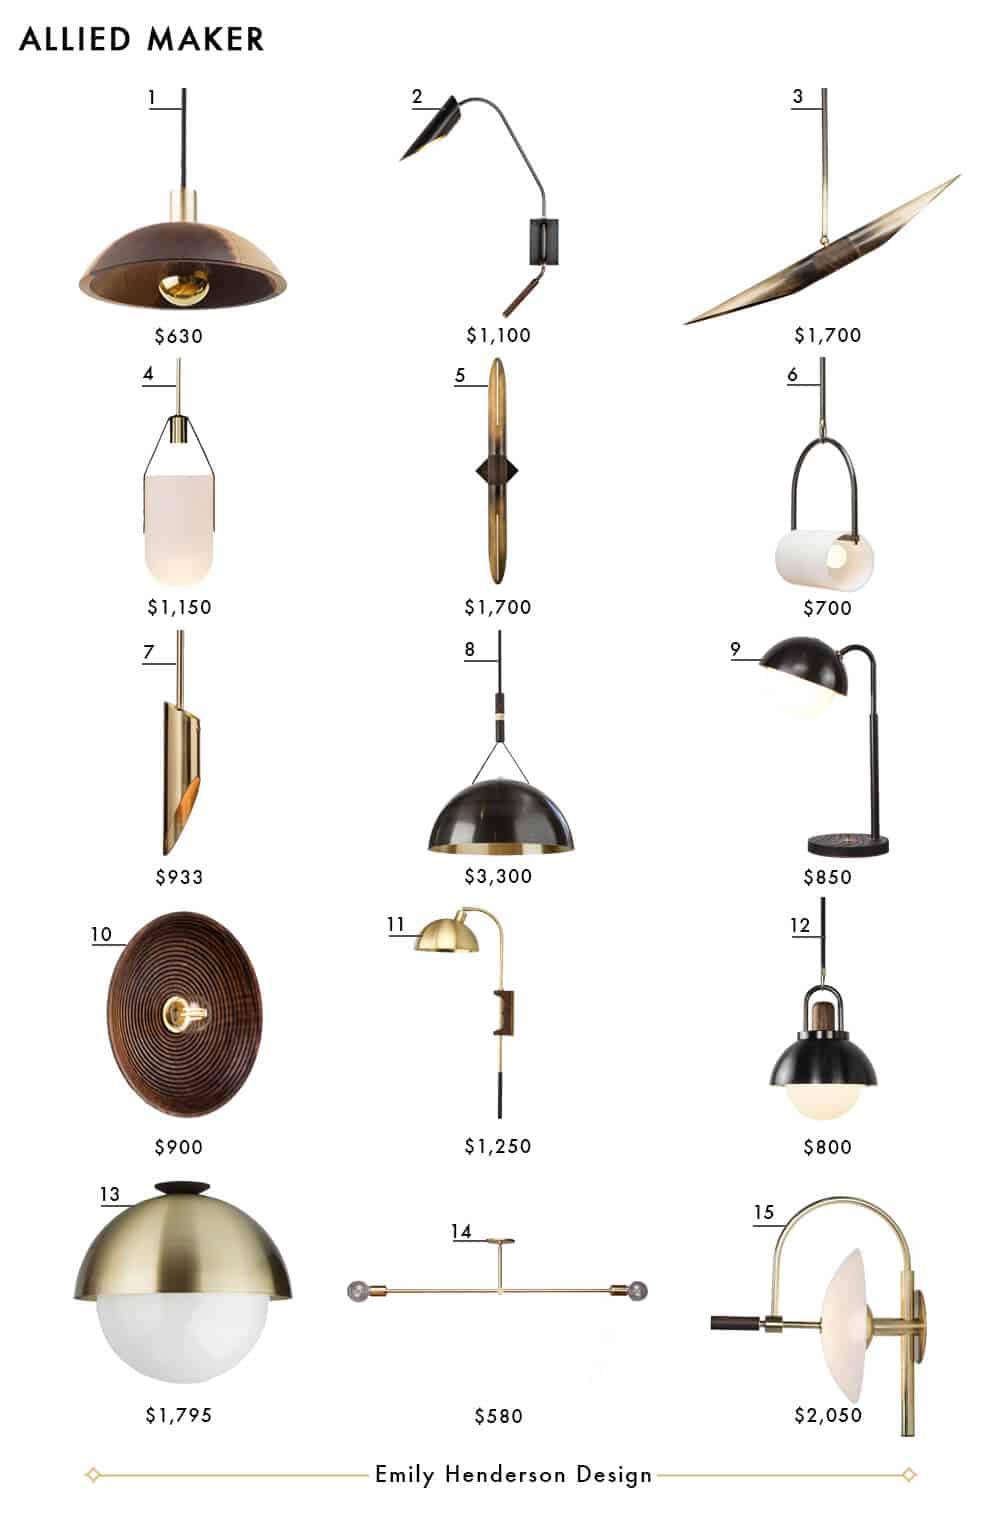 Allied Maker Emily Henderson Design Lighting Roundup